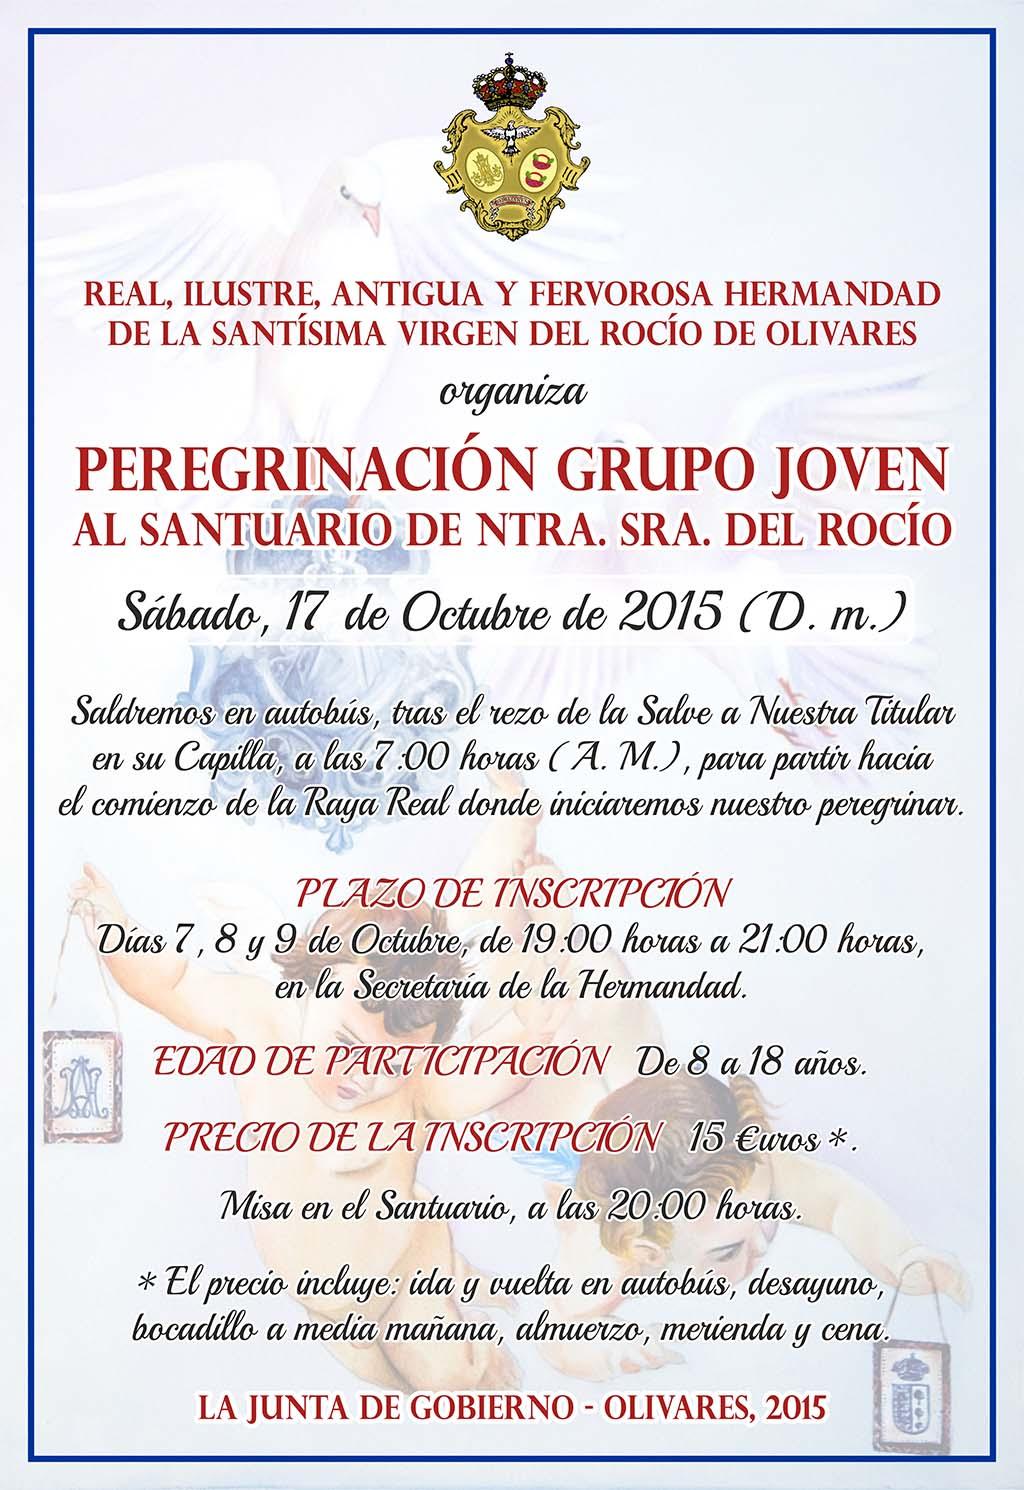 olivares PEREGRINACION GRUPO JOVEN 2015